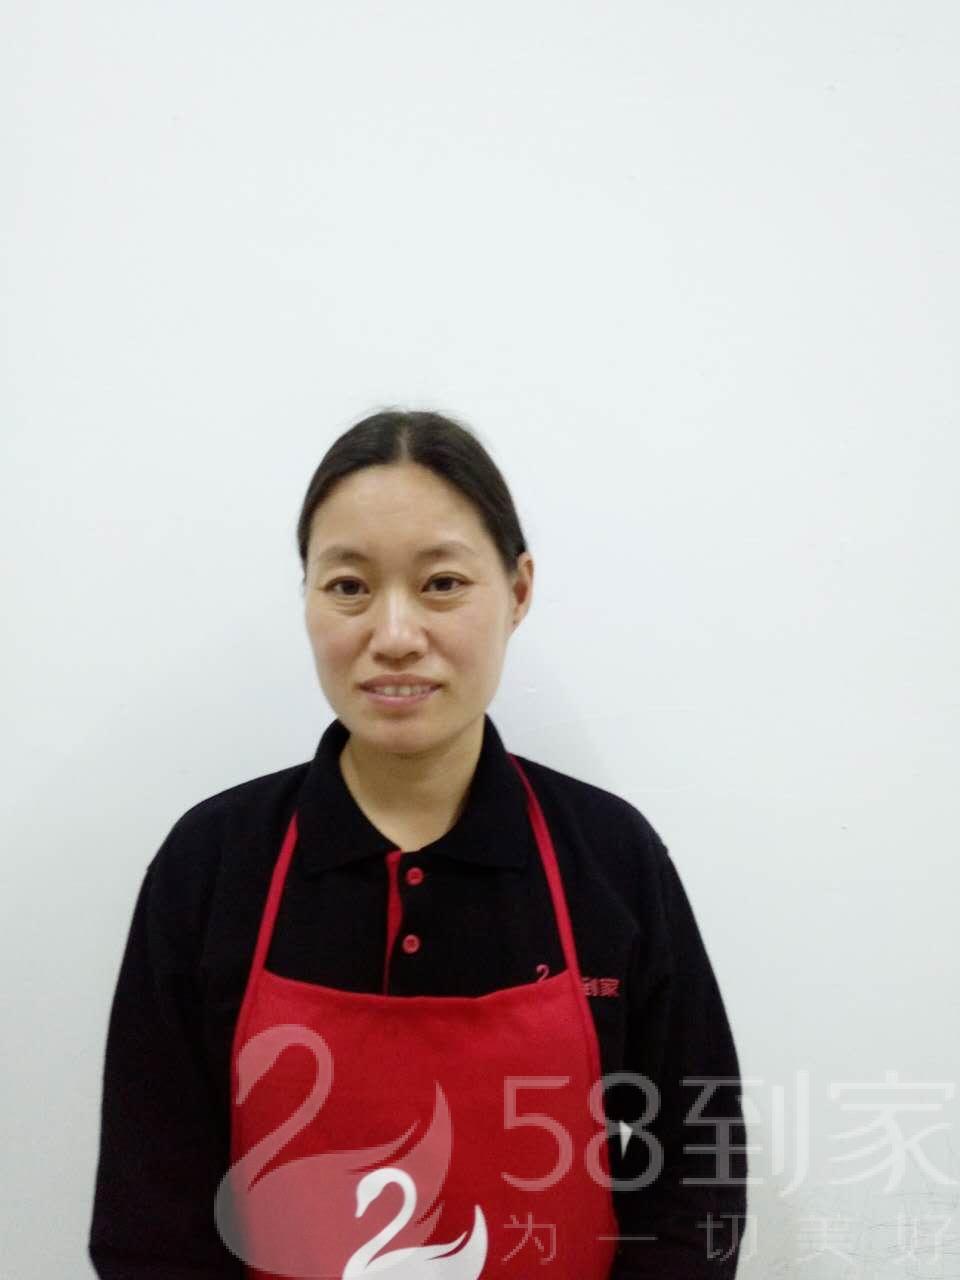 保洁师陈一兰